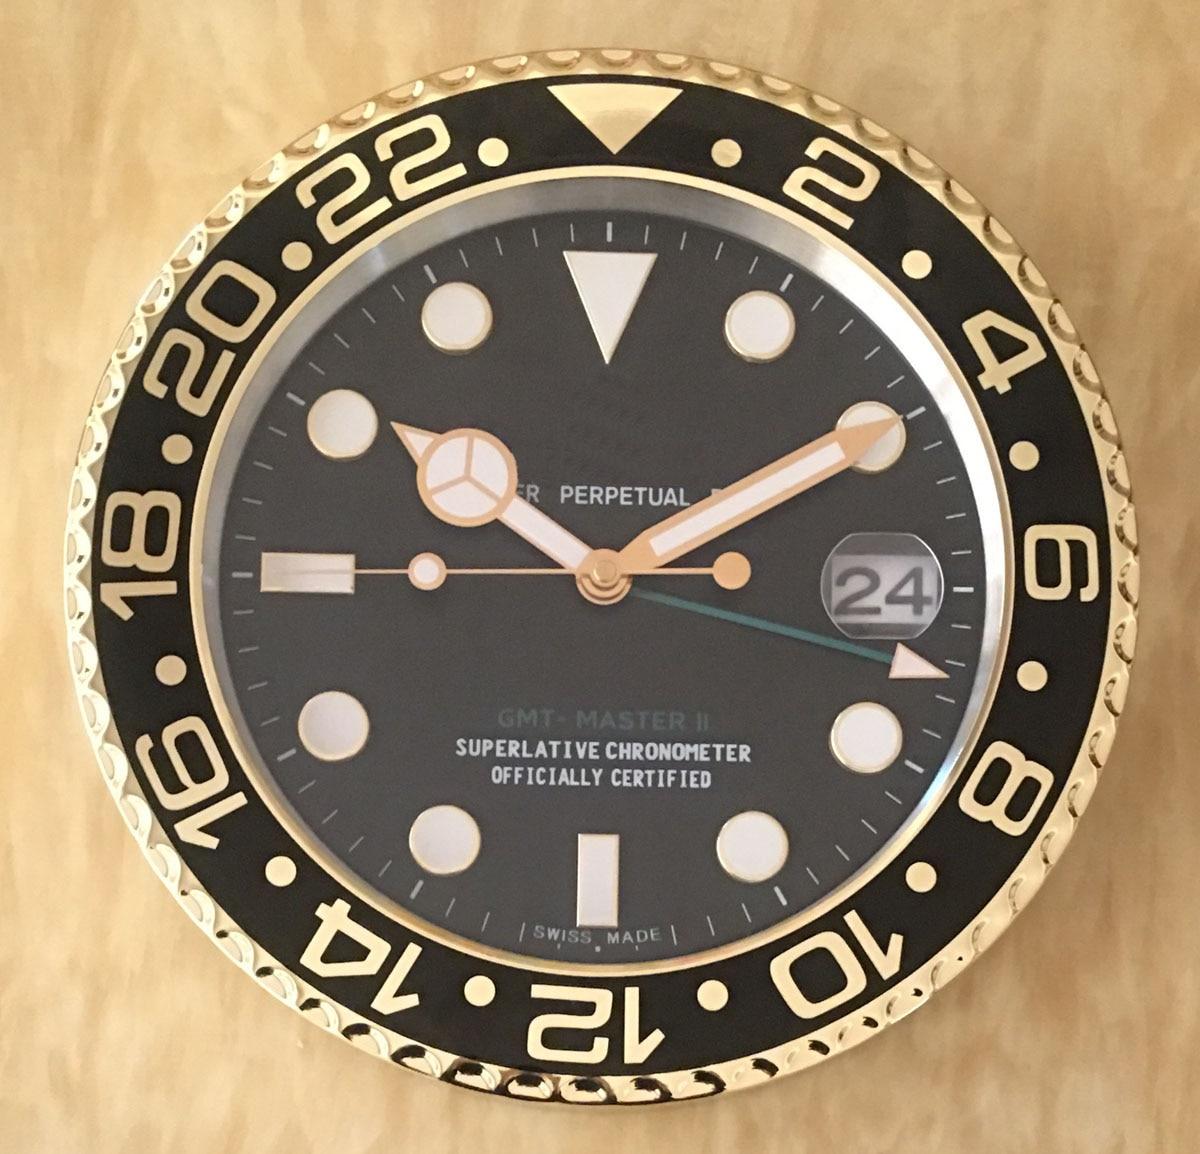 S & F con lupa al por menor Reloj de pared forma de Metal con calendario reloj de lujo en la pared